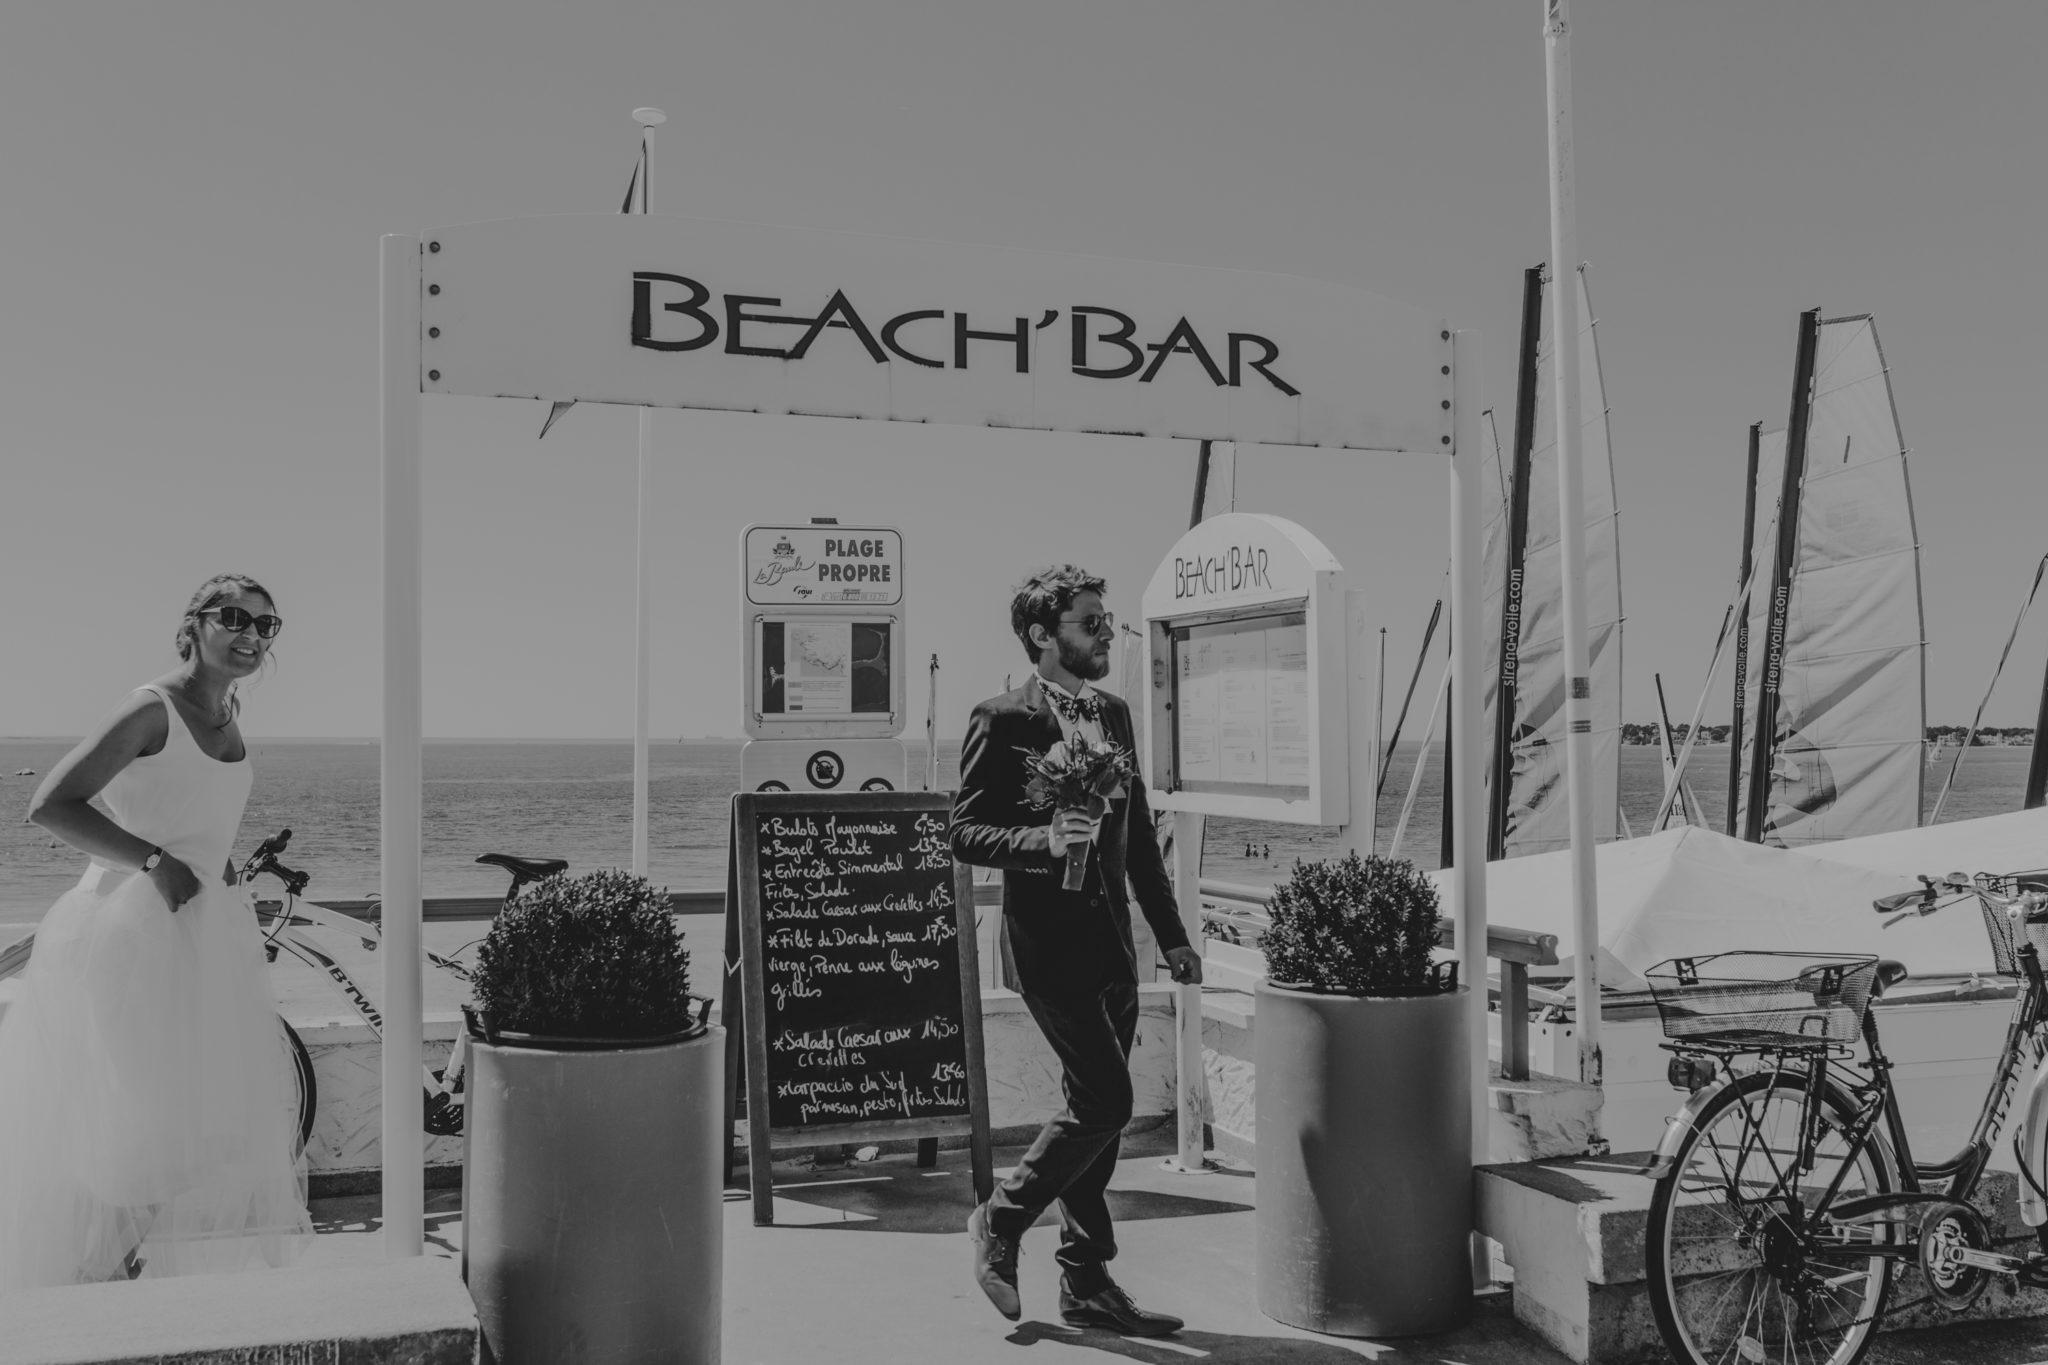 Cocktail champagne plage La Baule beach bar Chateau-Saint-Marc St Nazaire Atlantique